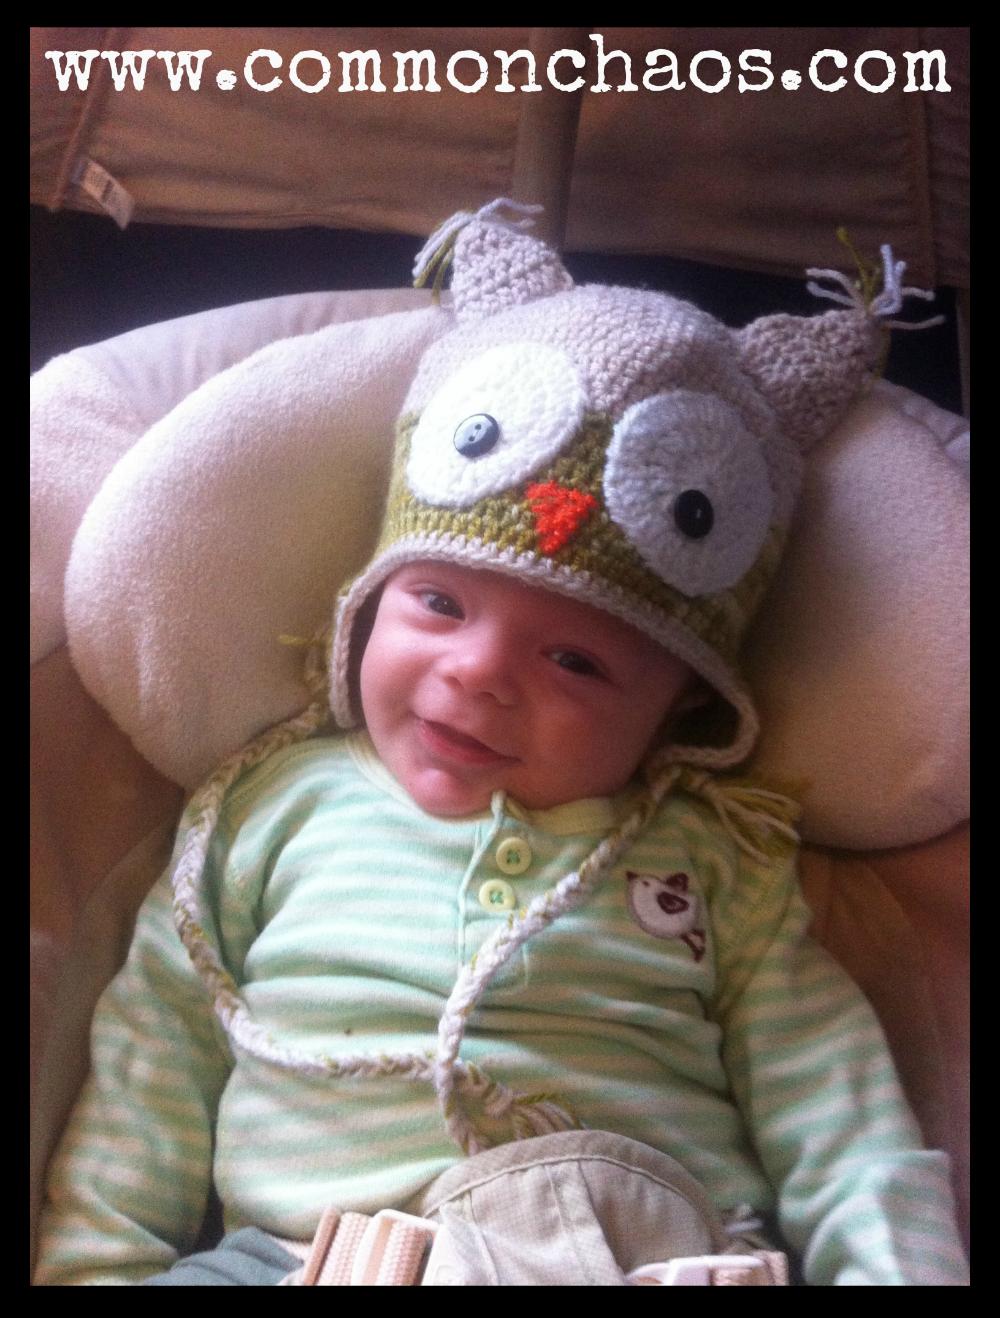 Elijah as a baby